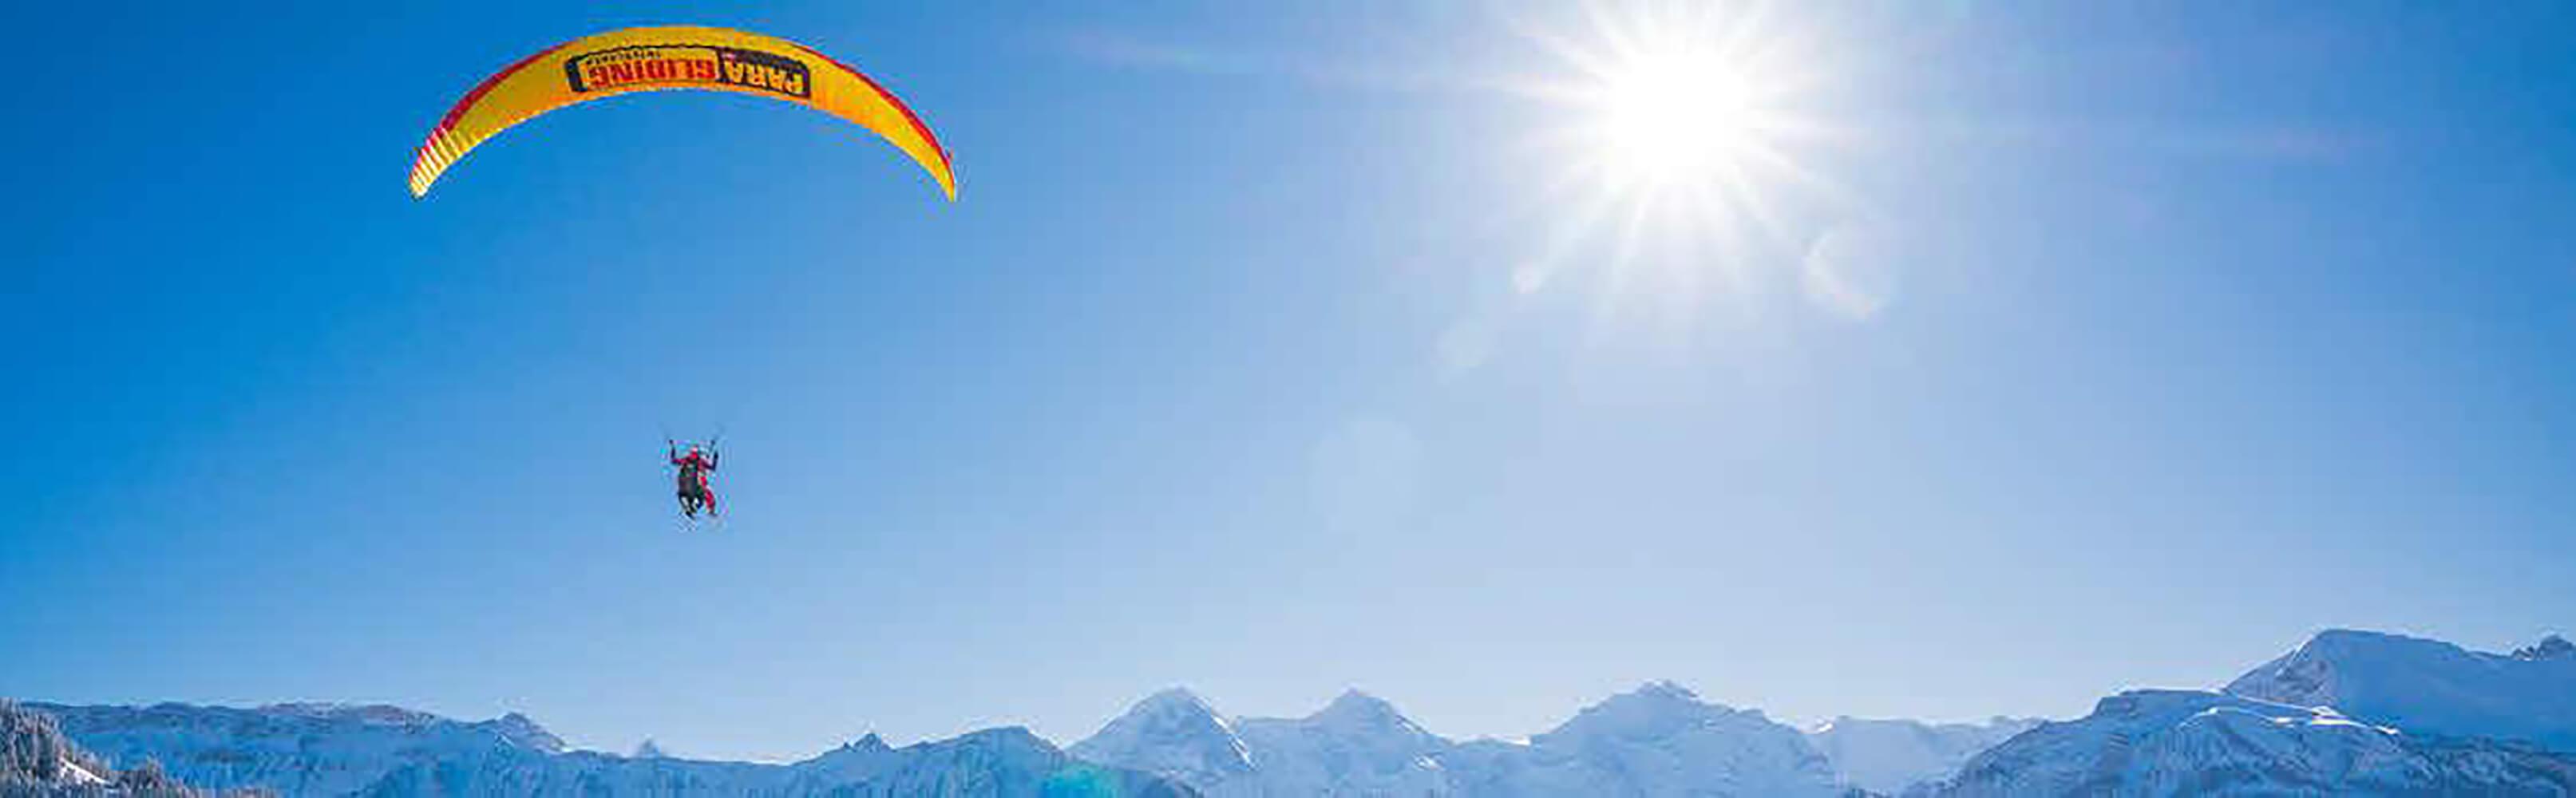 Winterlicher Tandemflug mit dem Gleitschirm – Interlaken 1